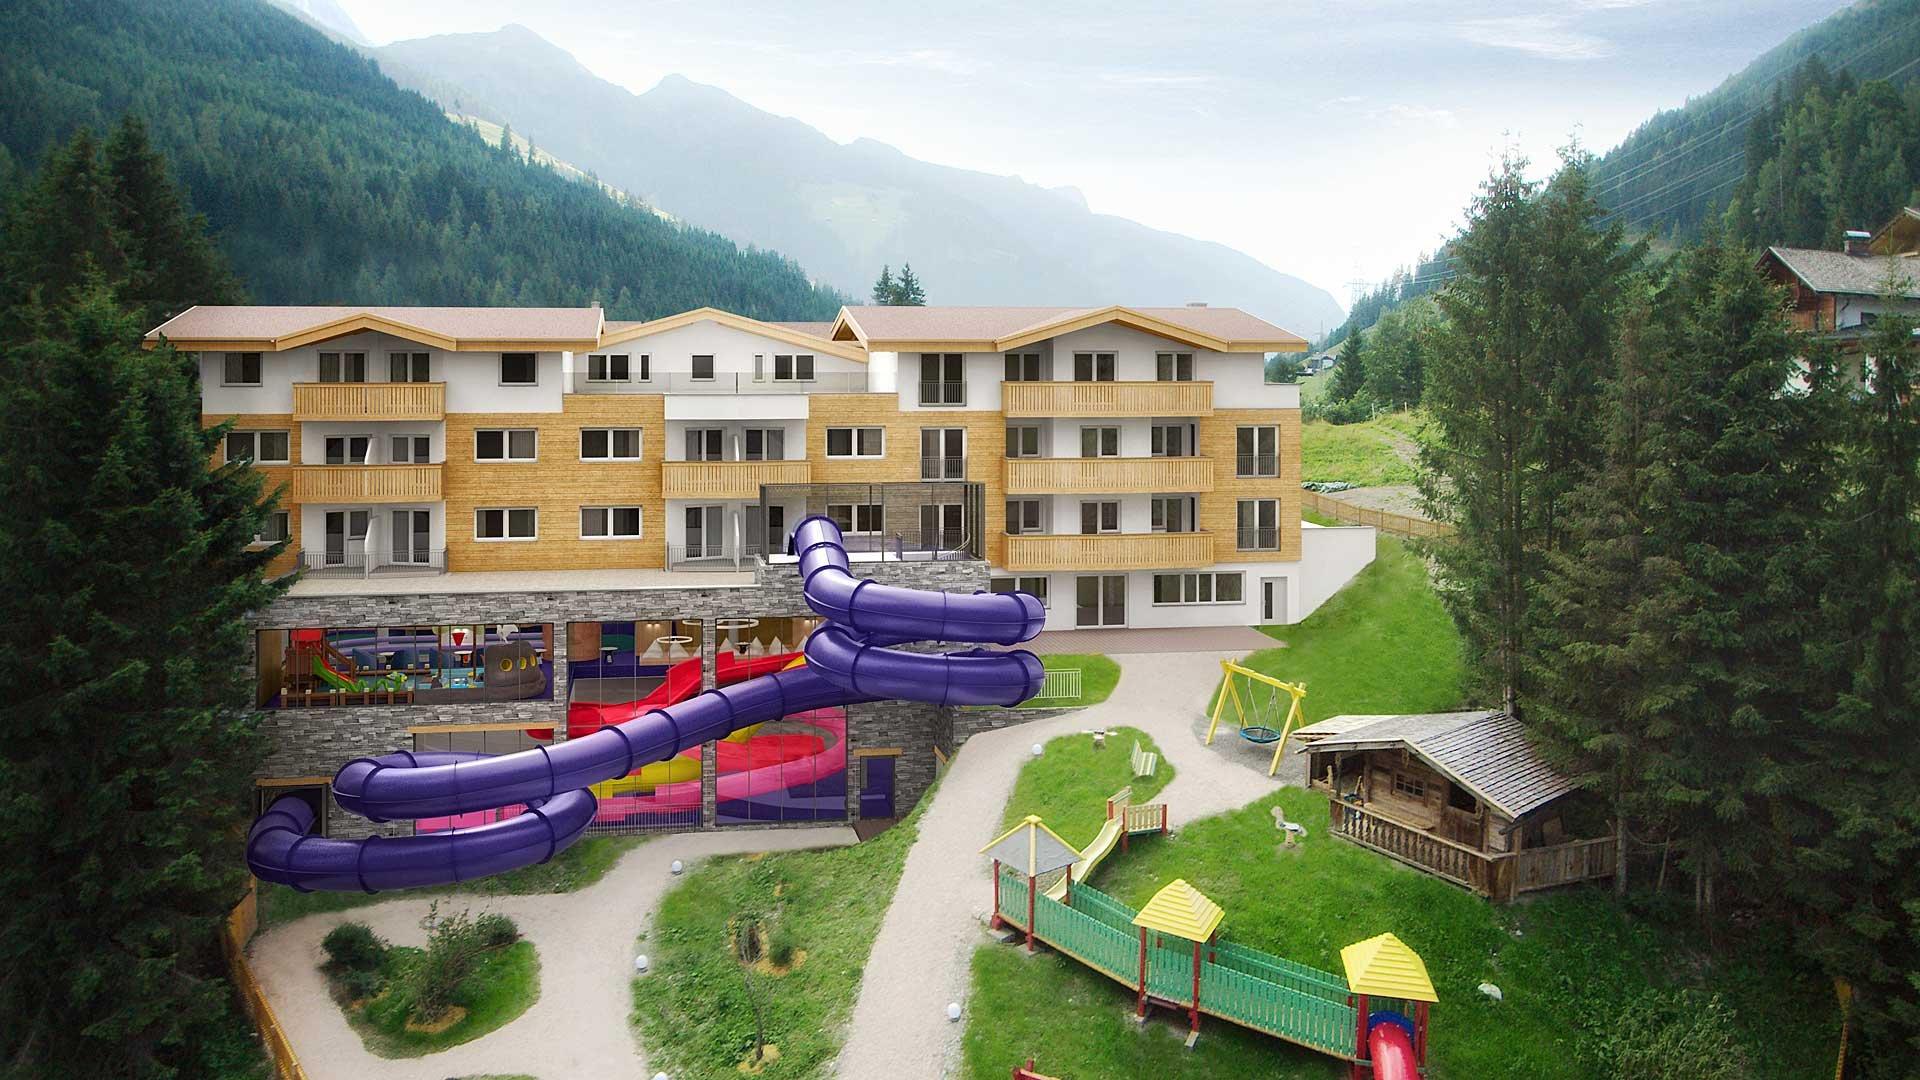 Kroeller Family Resort